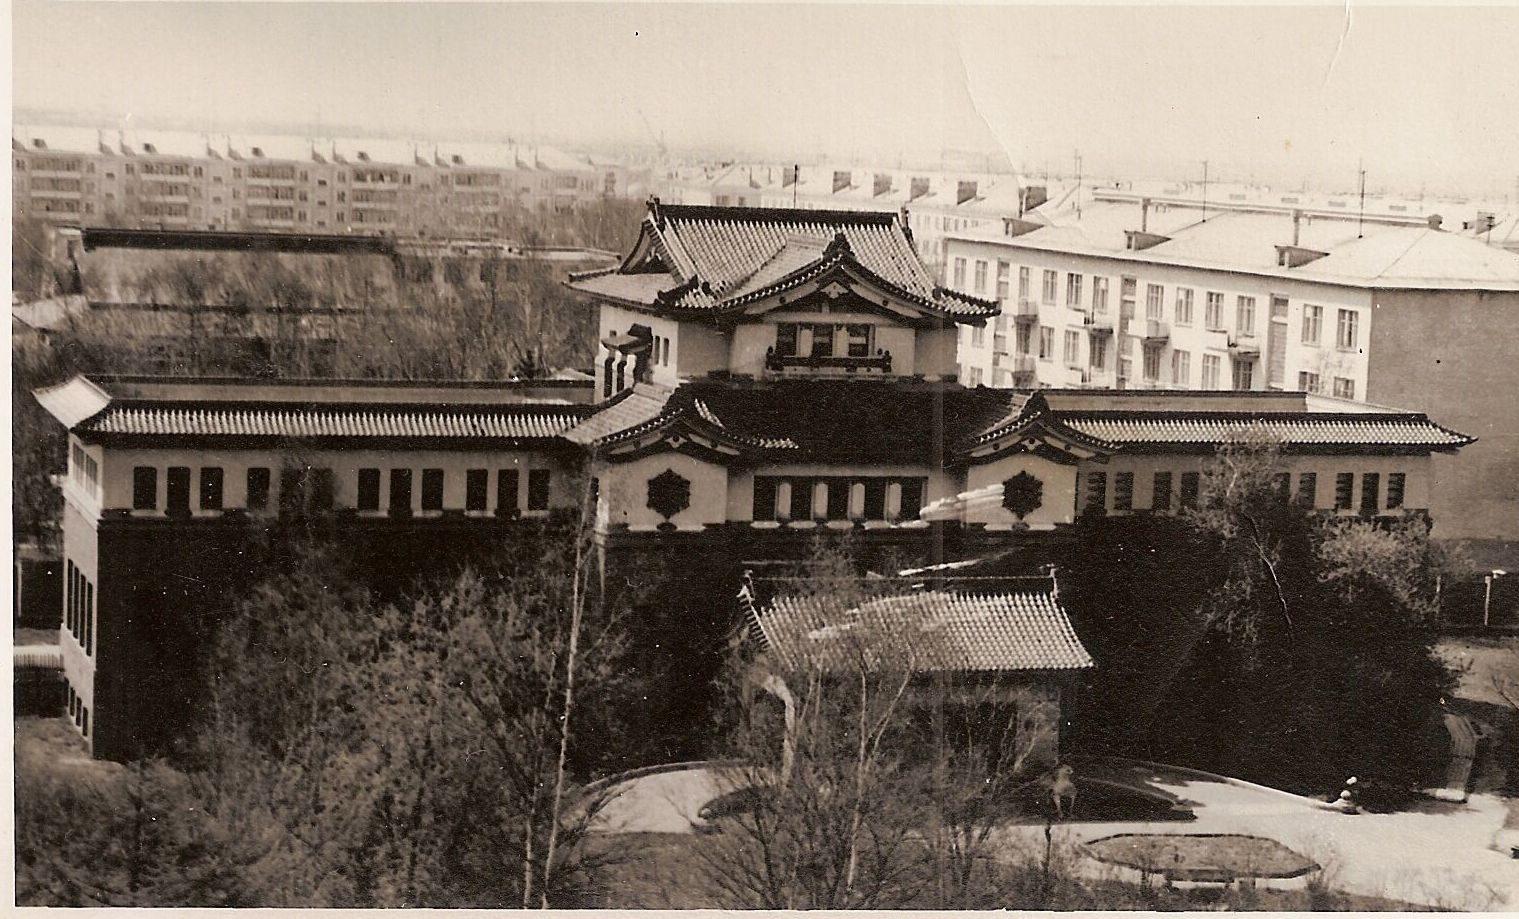 Сахалинский краеведческий музей в г. Южно-Сахалинске